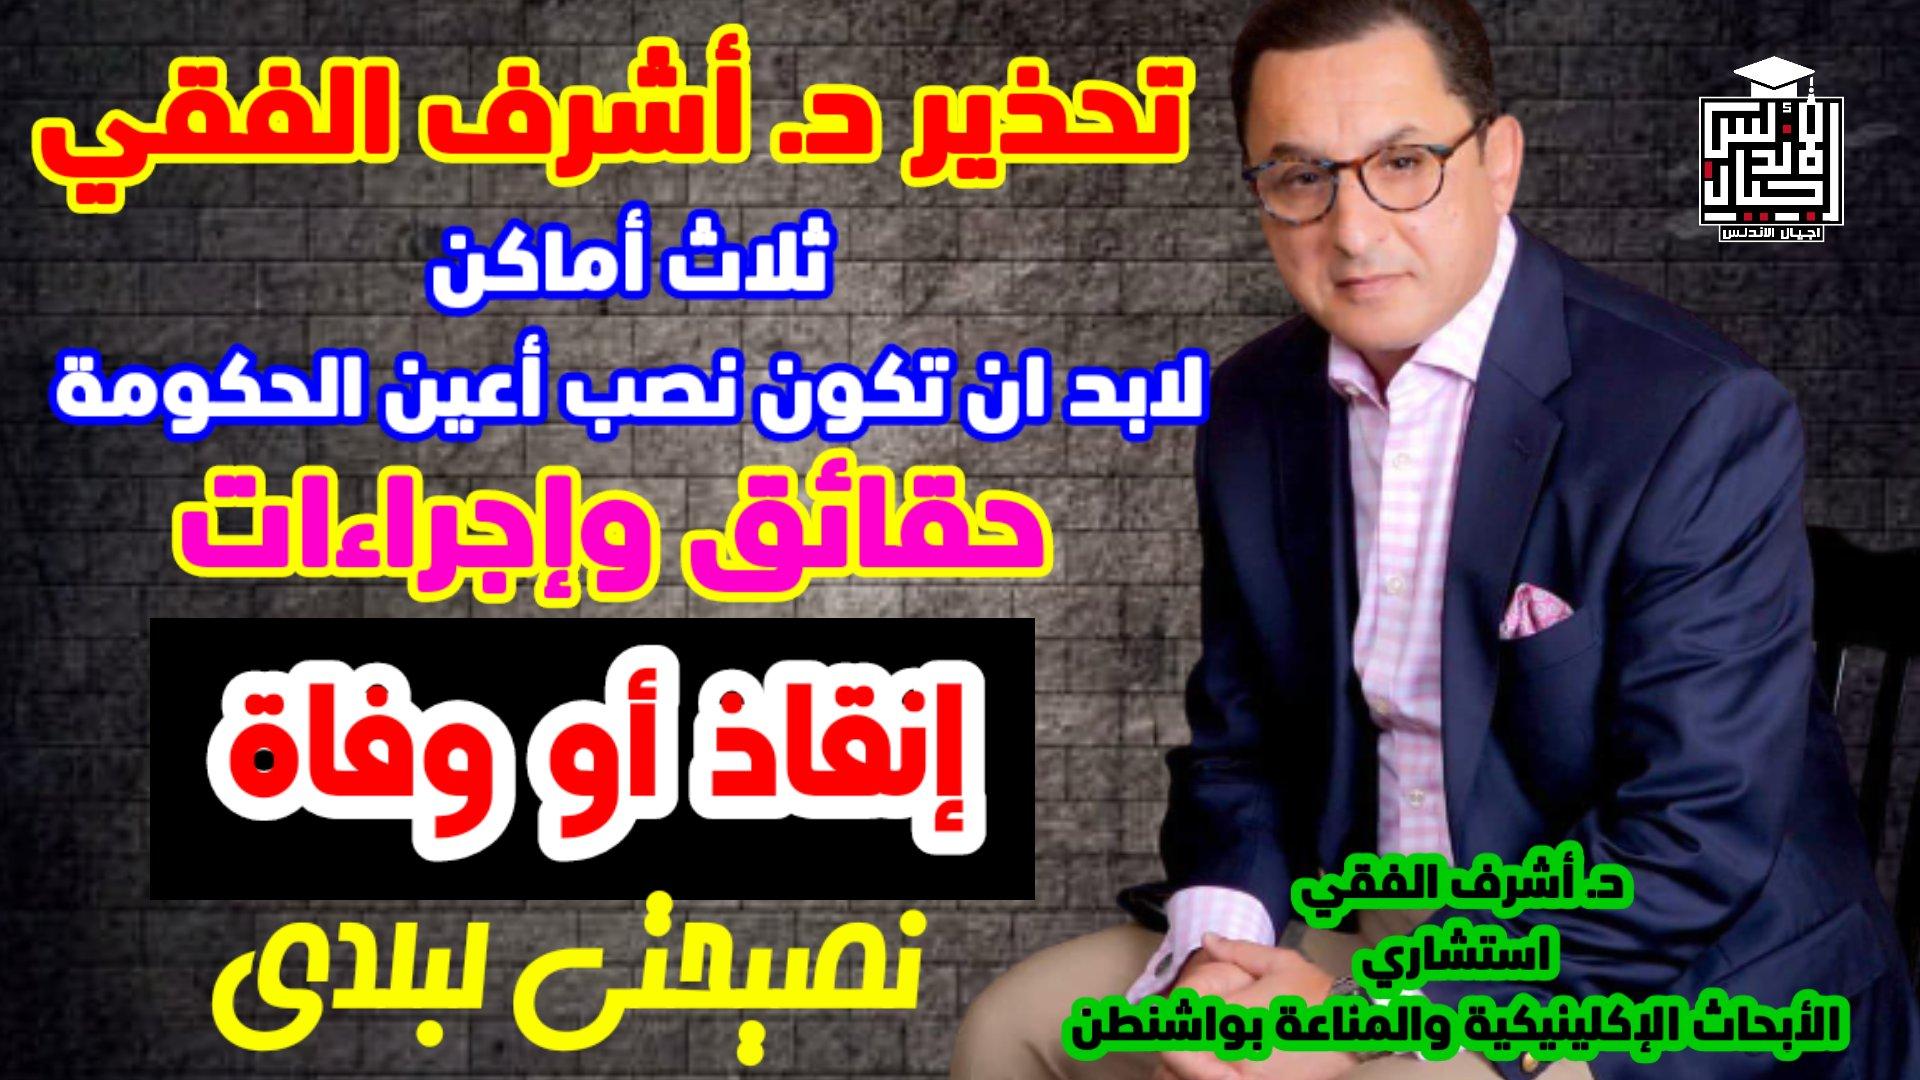 تحذير الدكتور أشرف الفقي لجميع المصريين والحكومه المصريه - نصيحتي لبدي - حقائق واجراءات  ( اجيال الاندلس )